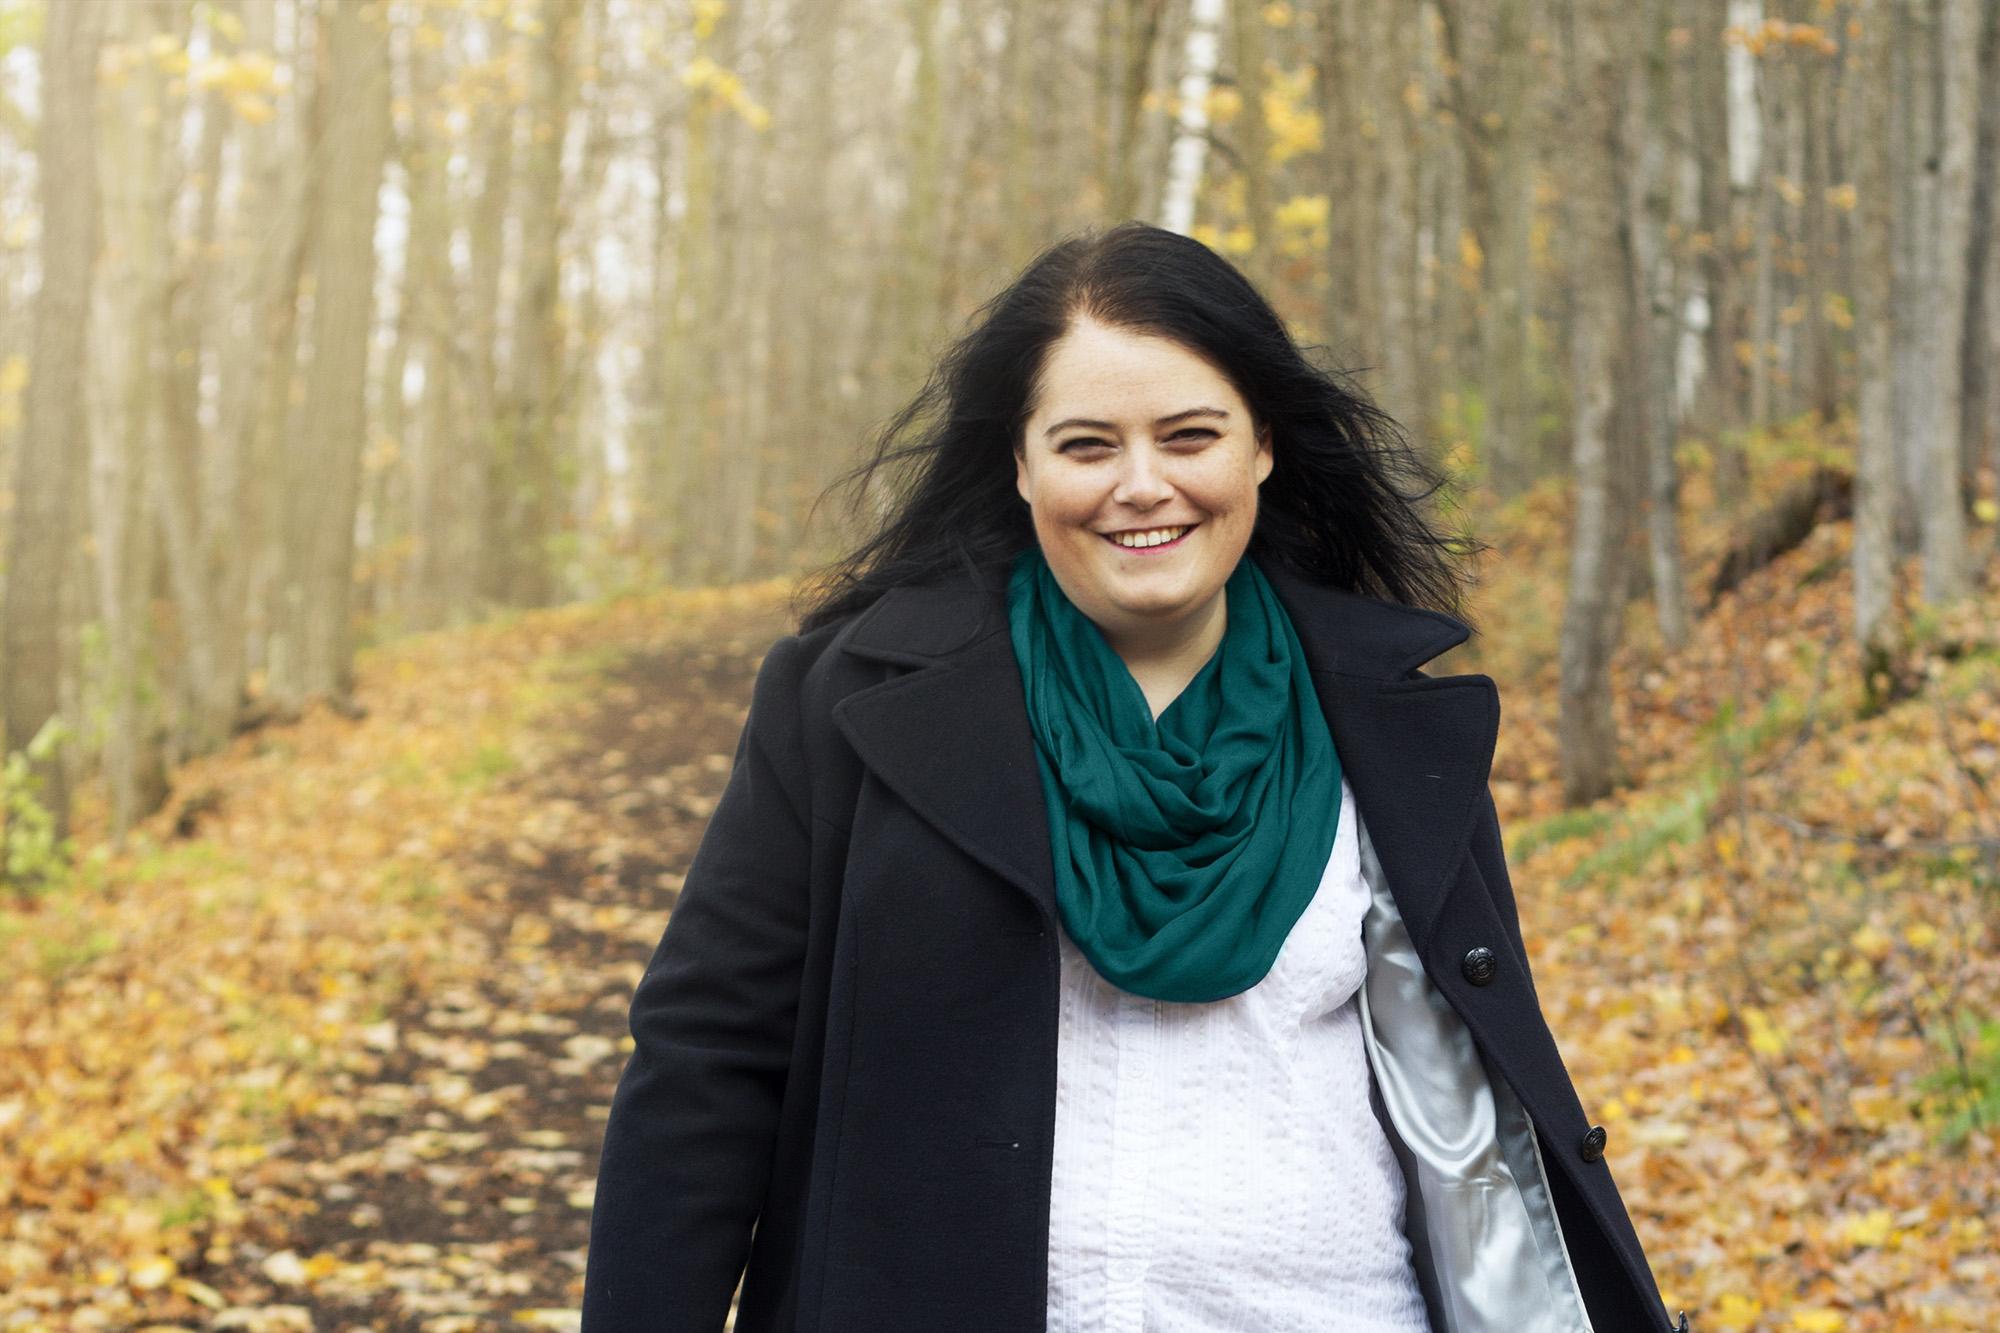 Joanne Lesk